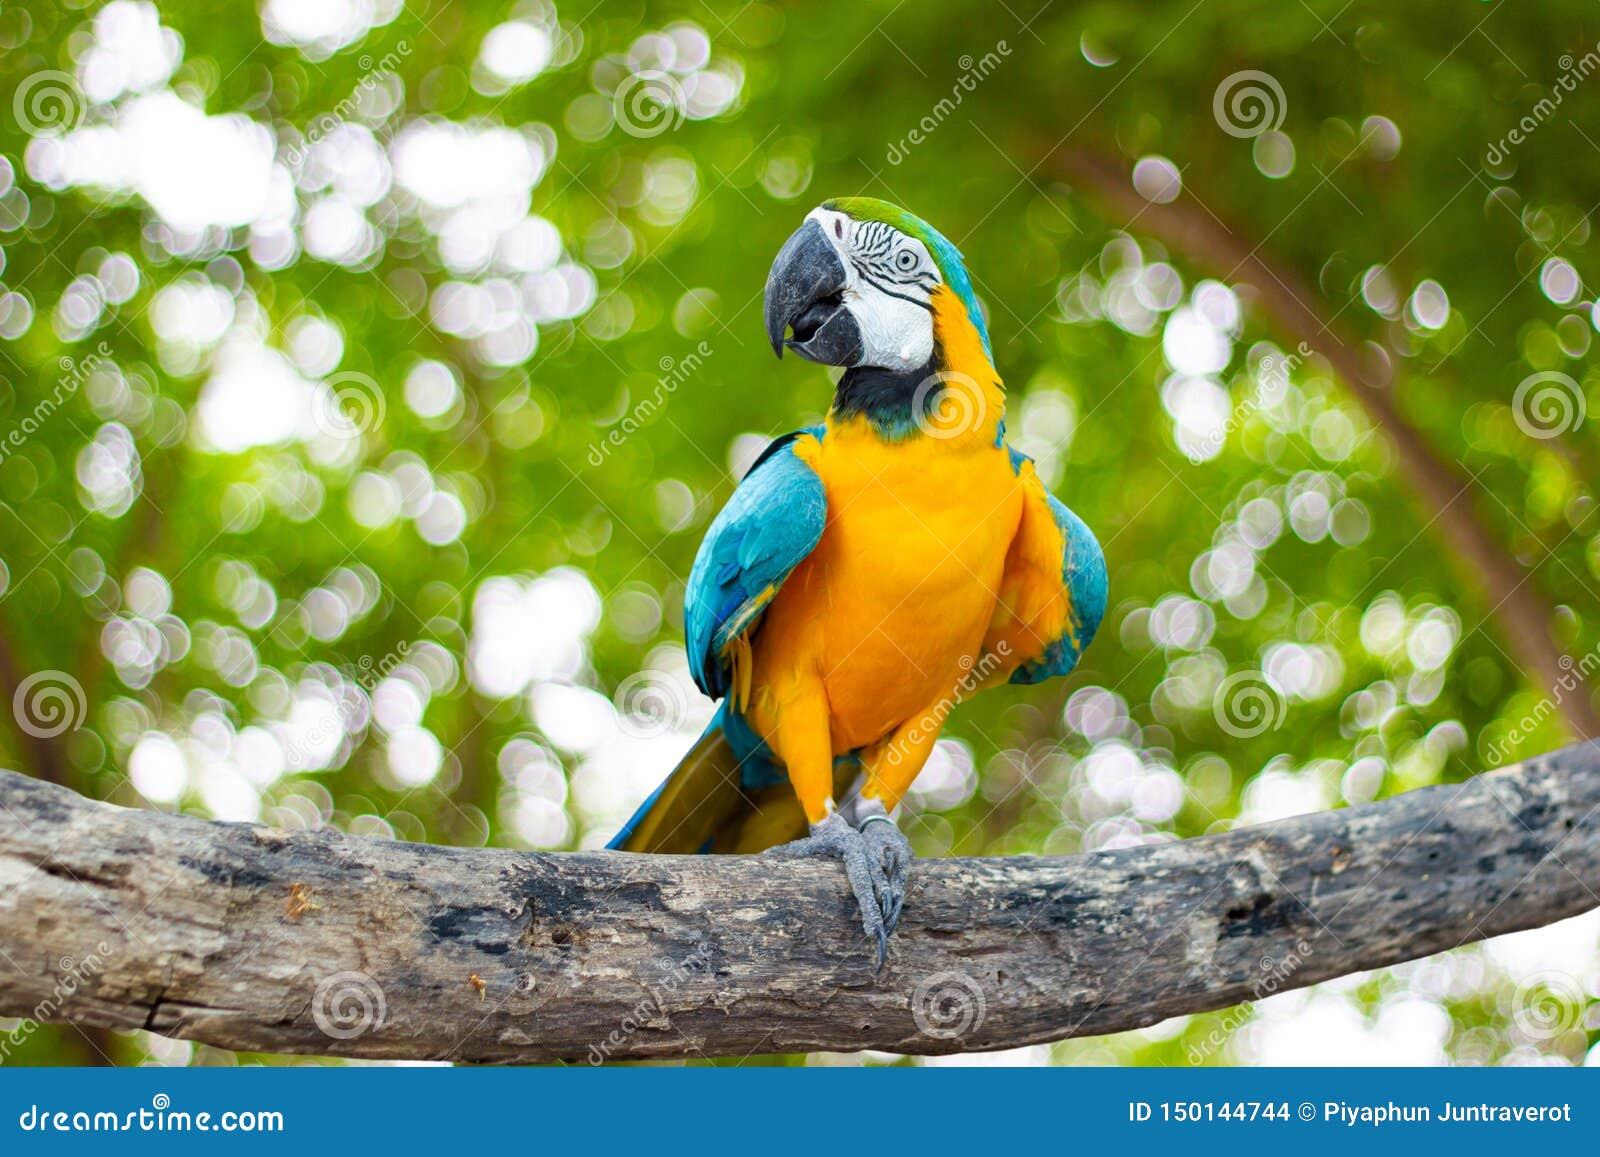 Vogel Blauwe en gele ara die zich op takken bevinden